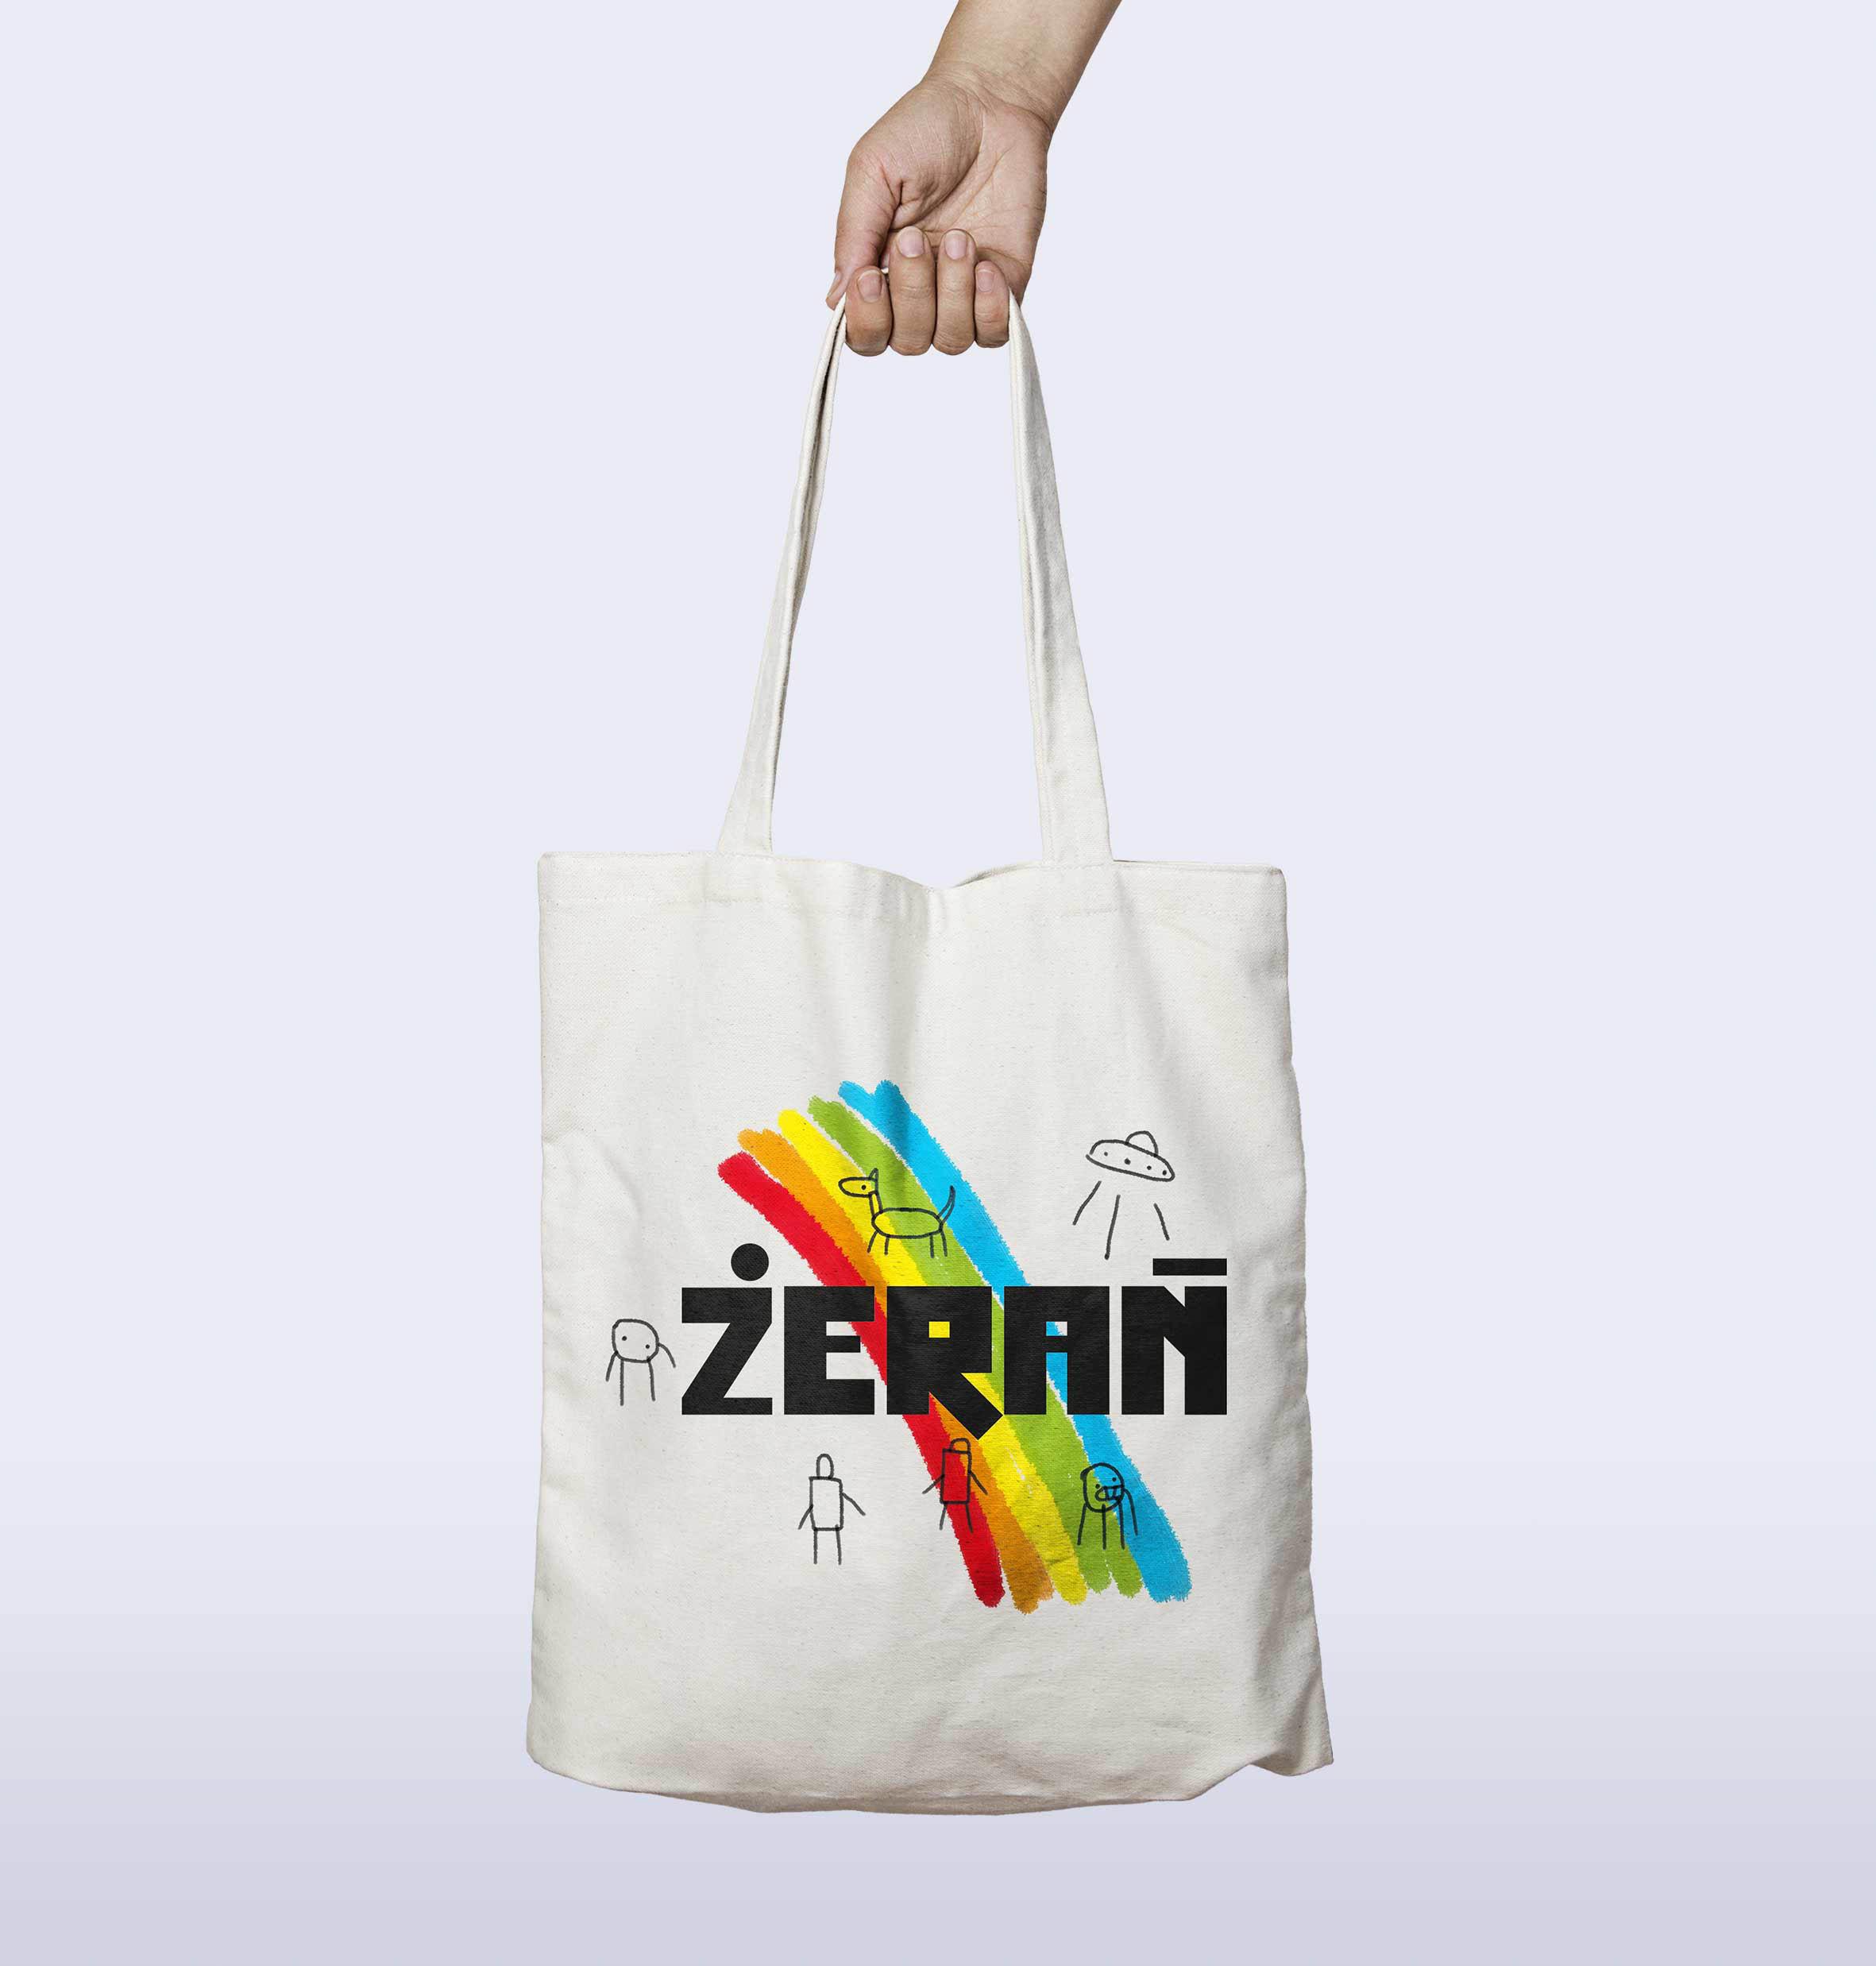 Żerań - identyfikacja wizualna torba